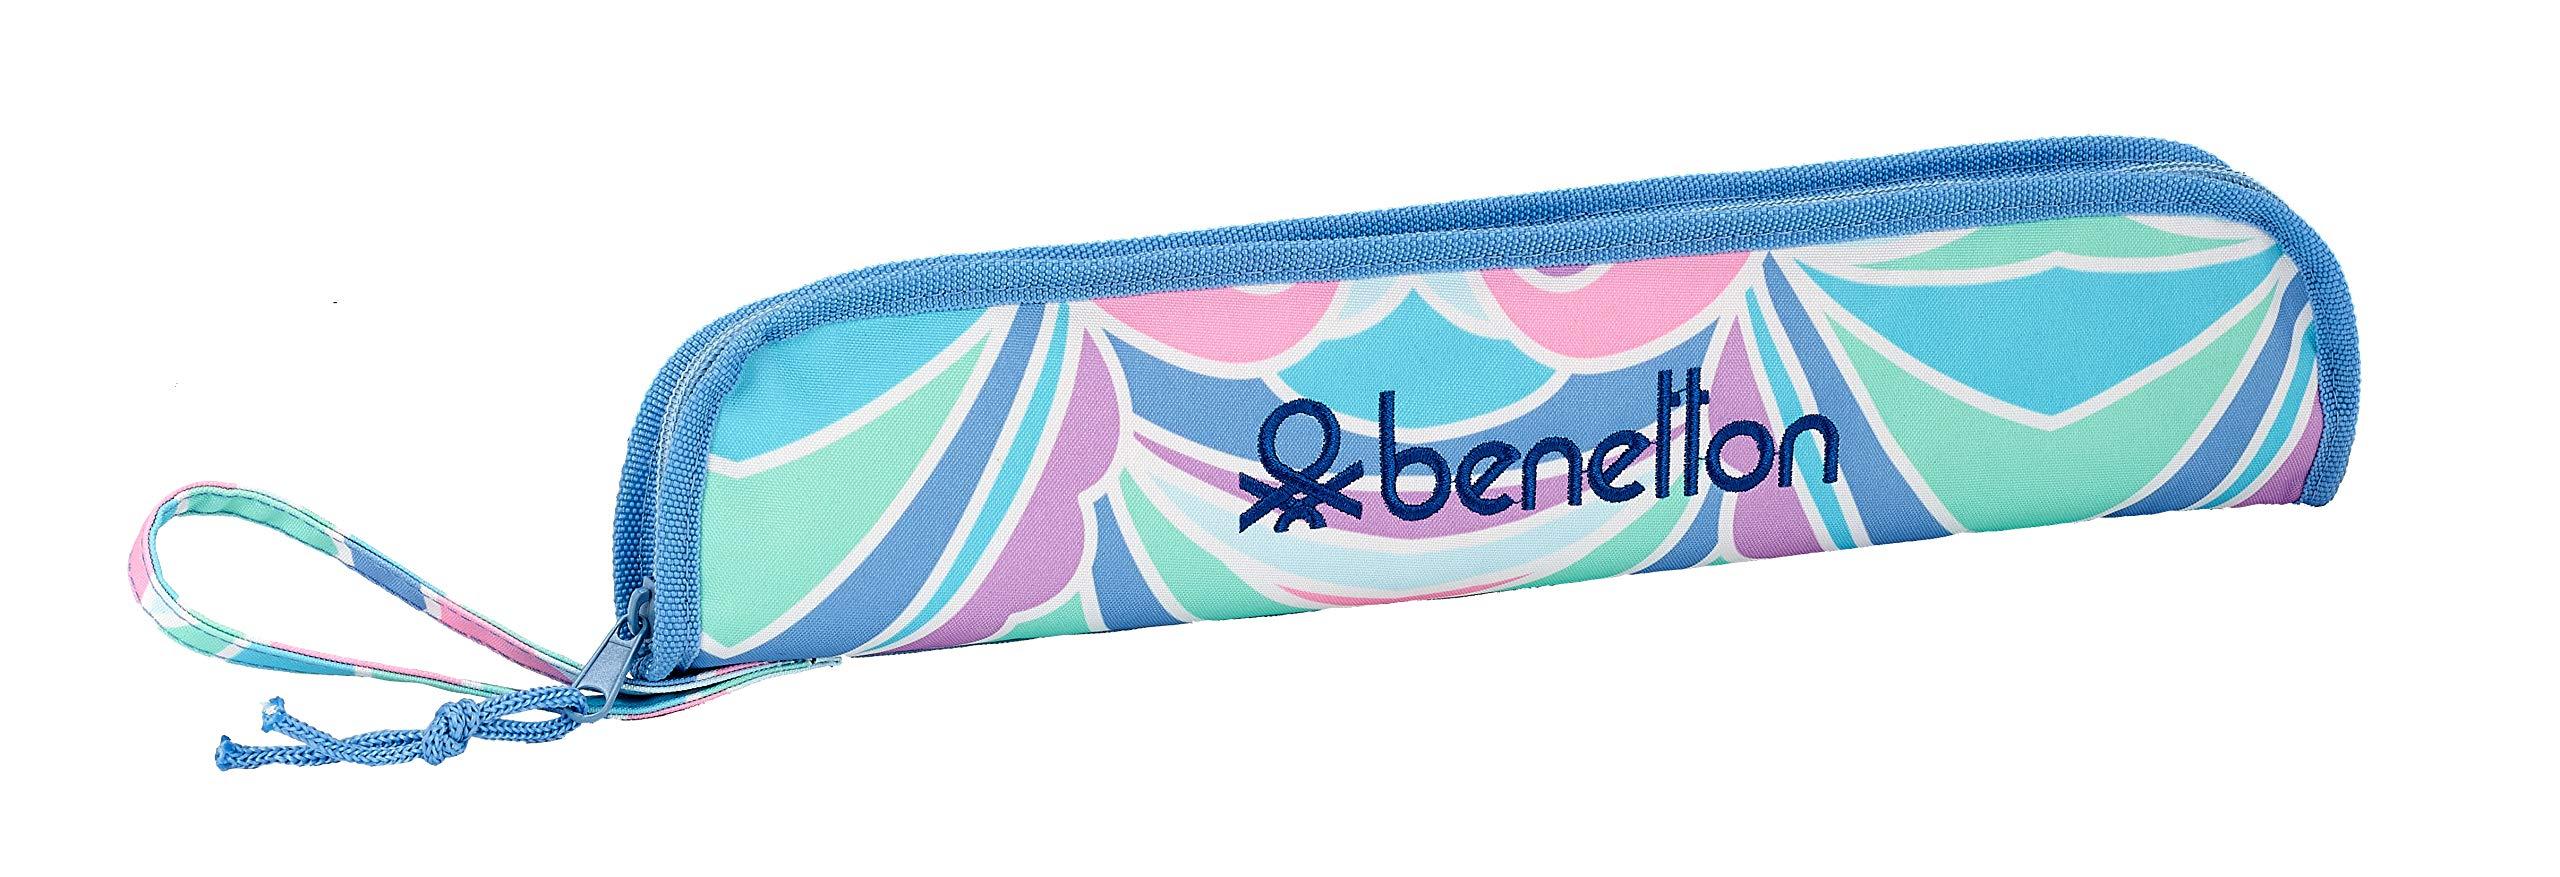 Benetton «Arcobaleno» Oficial Portaflautas 370x20x80mm